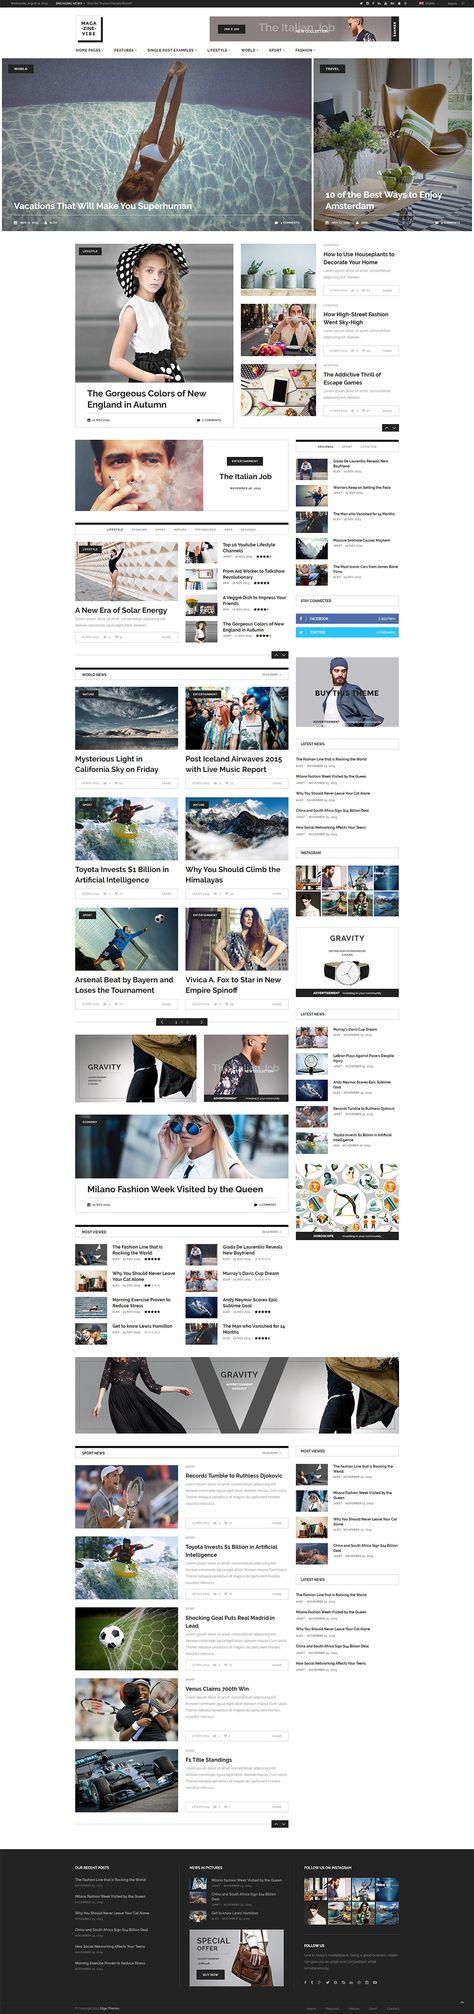 Magazine Vibe – Magazine Theme